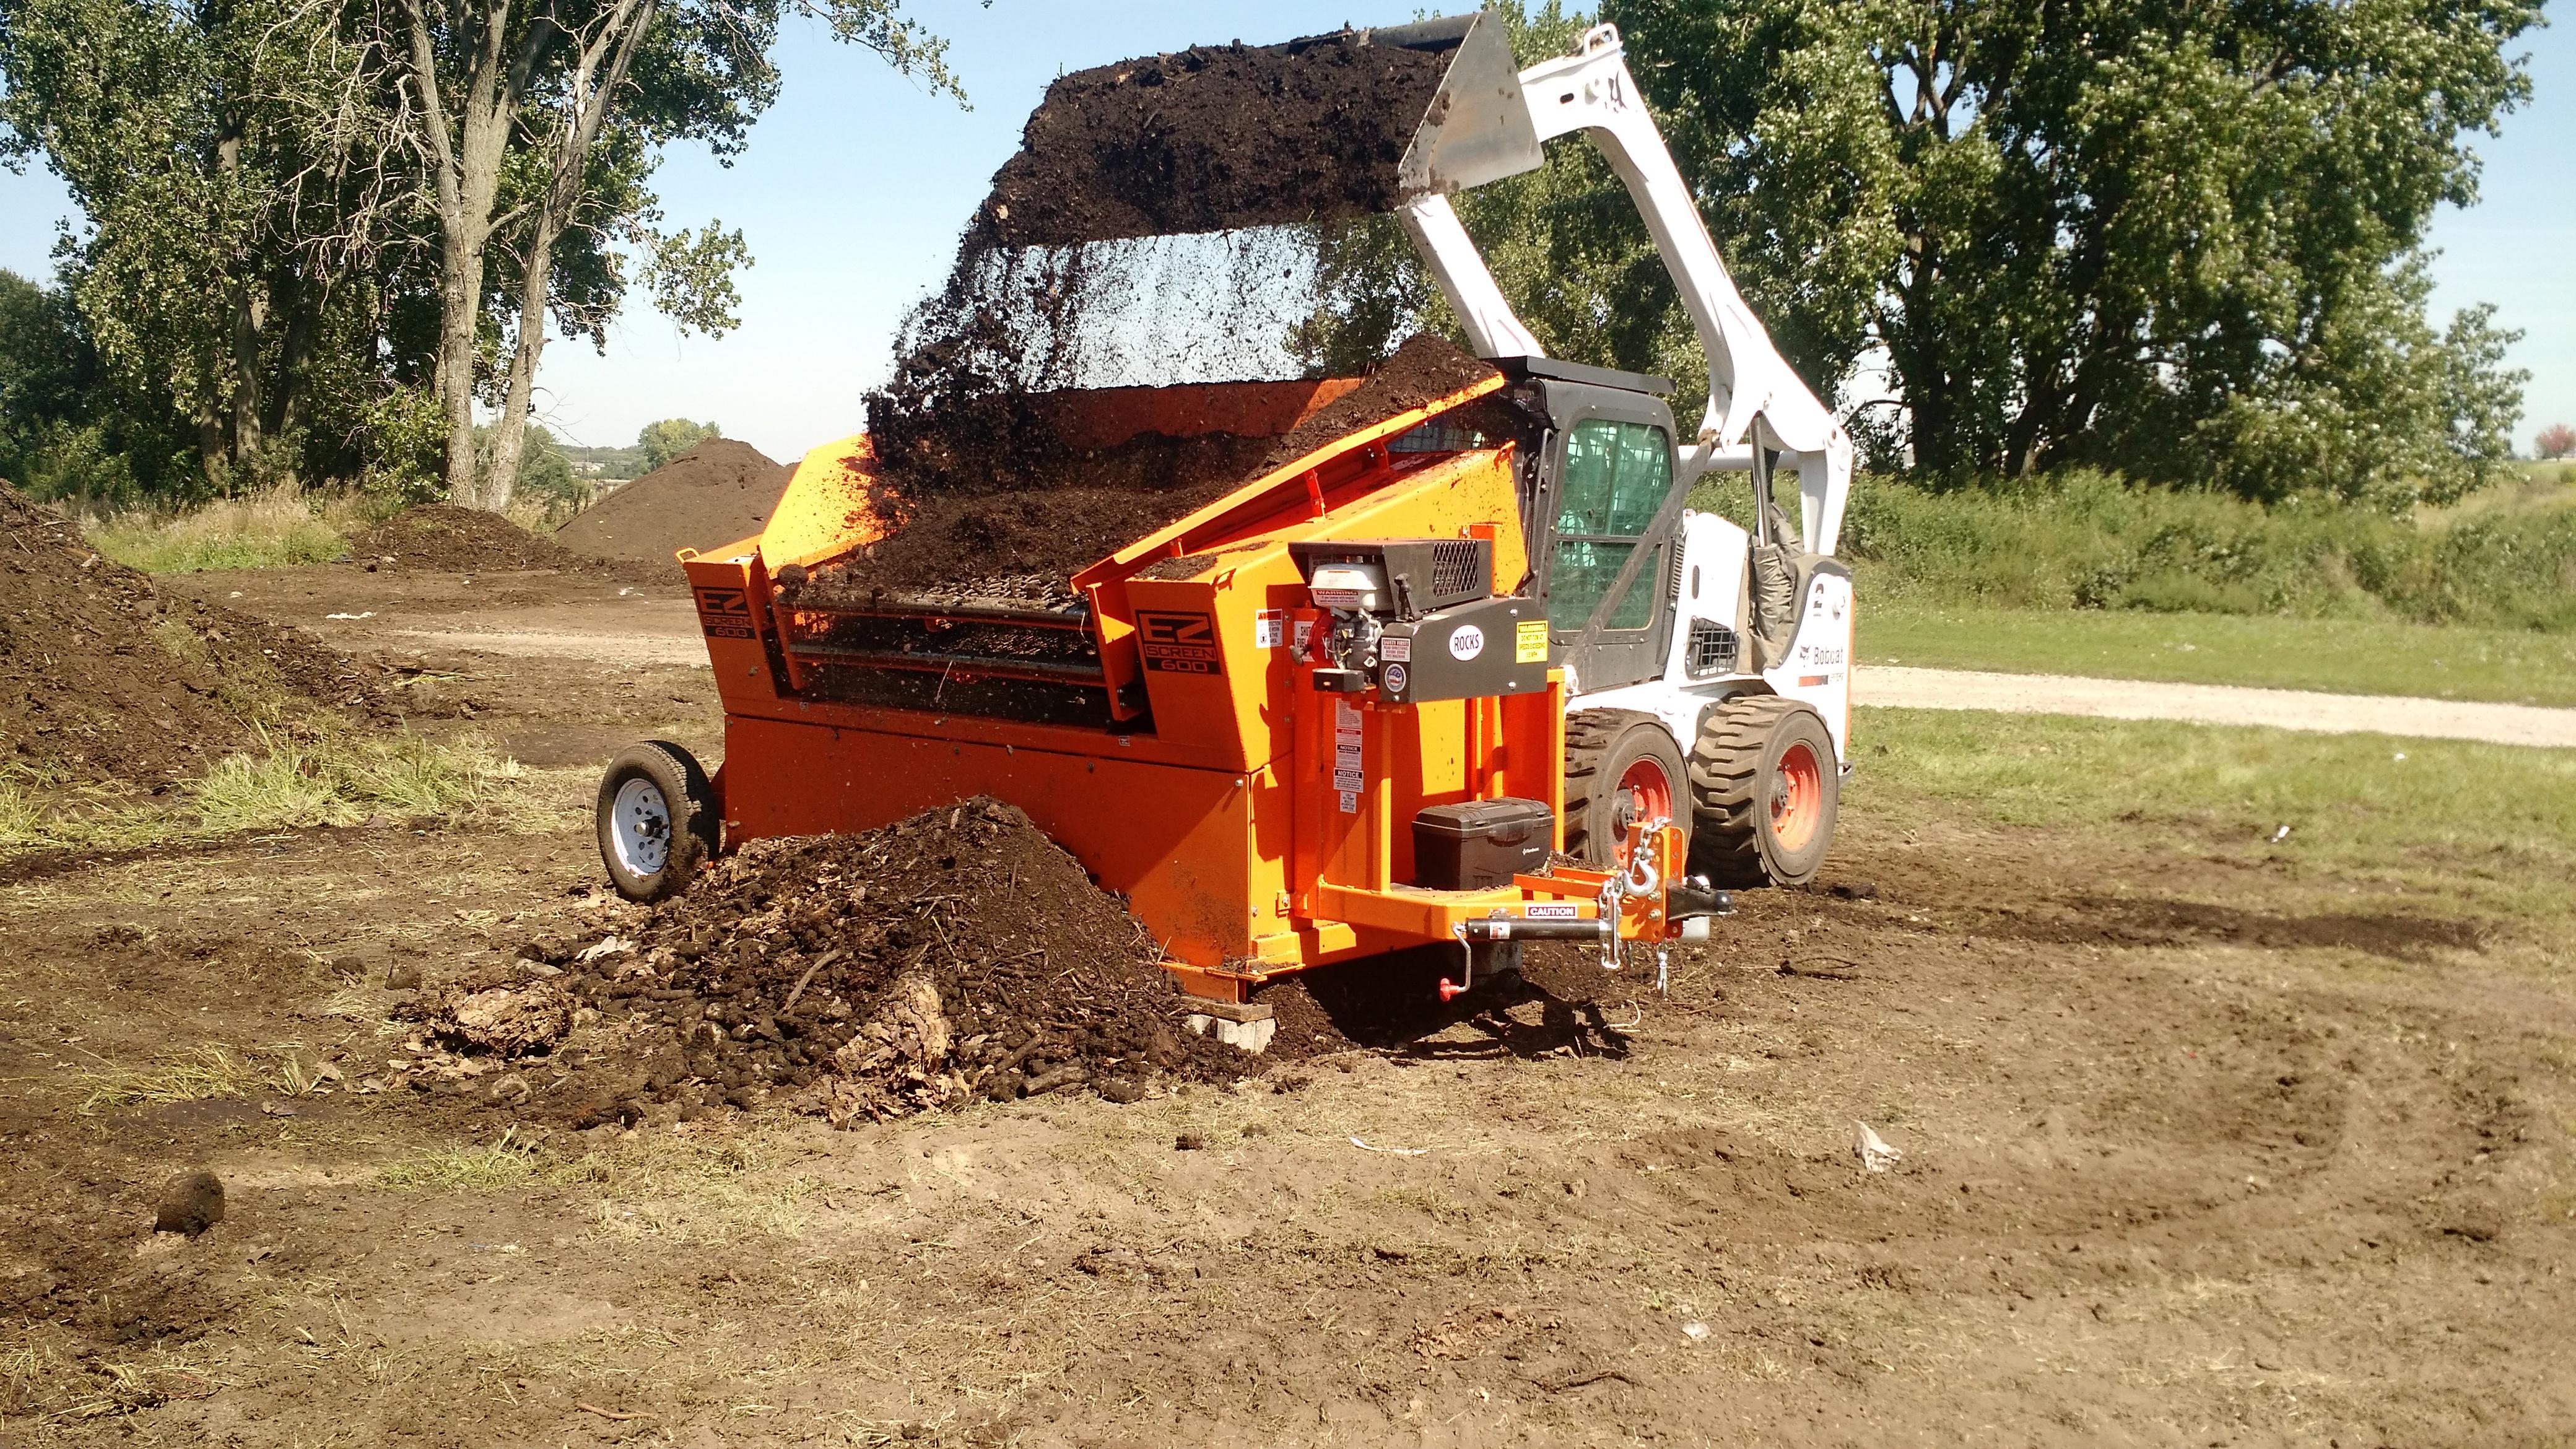 Photo of Bobcat sifting compost